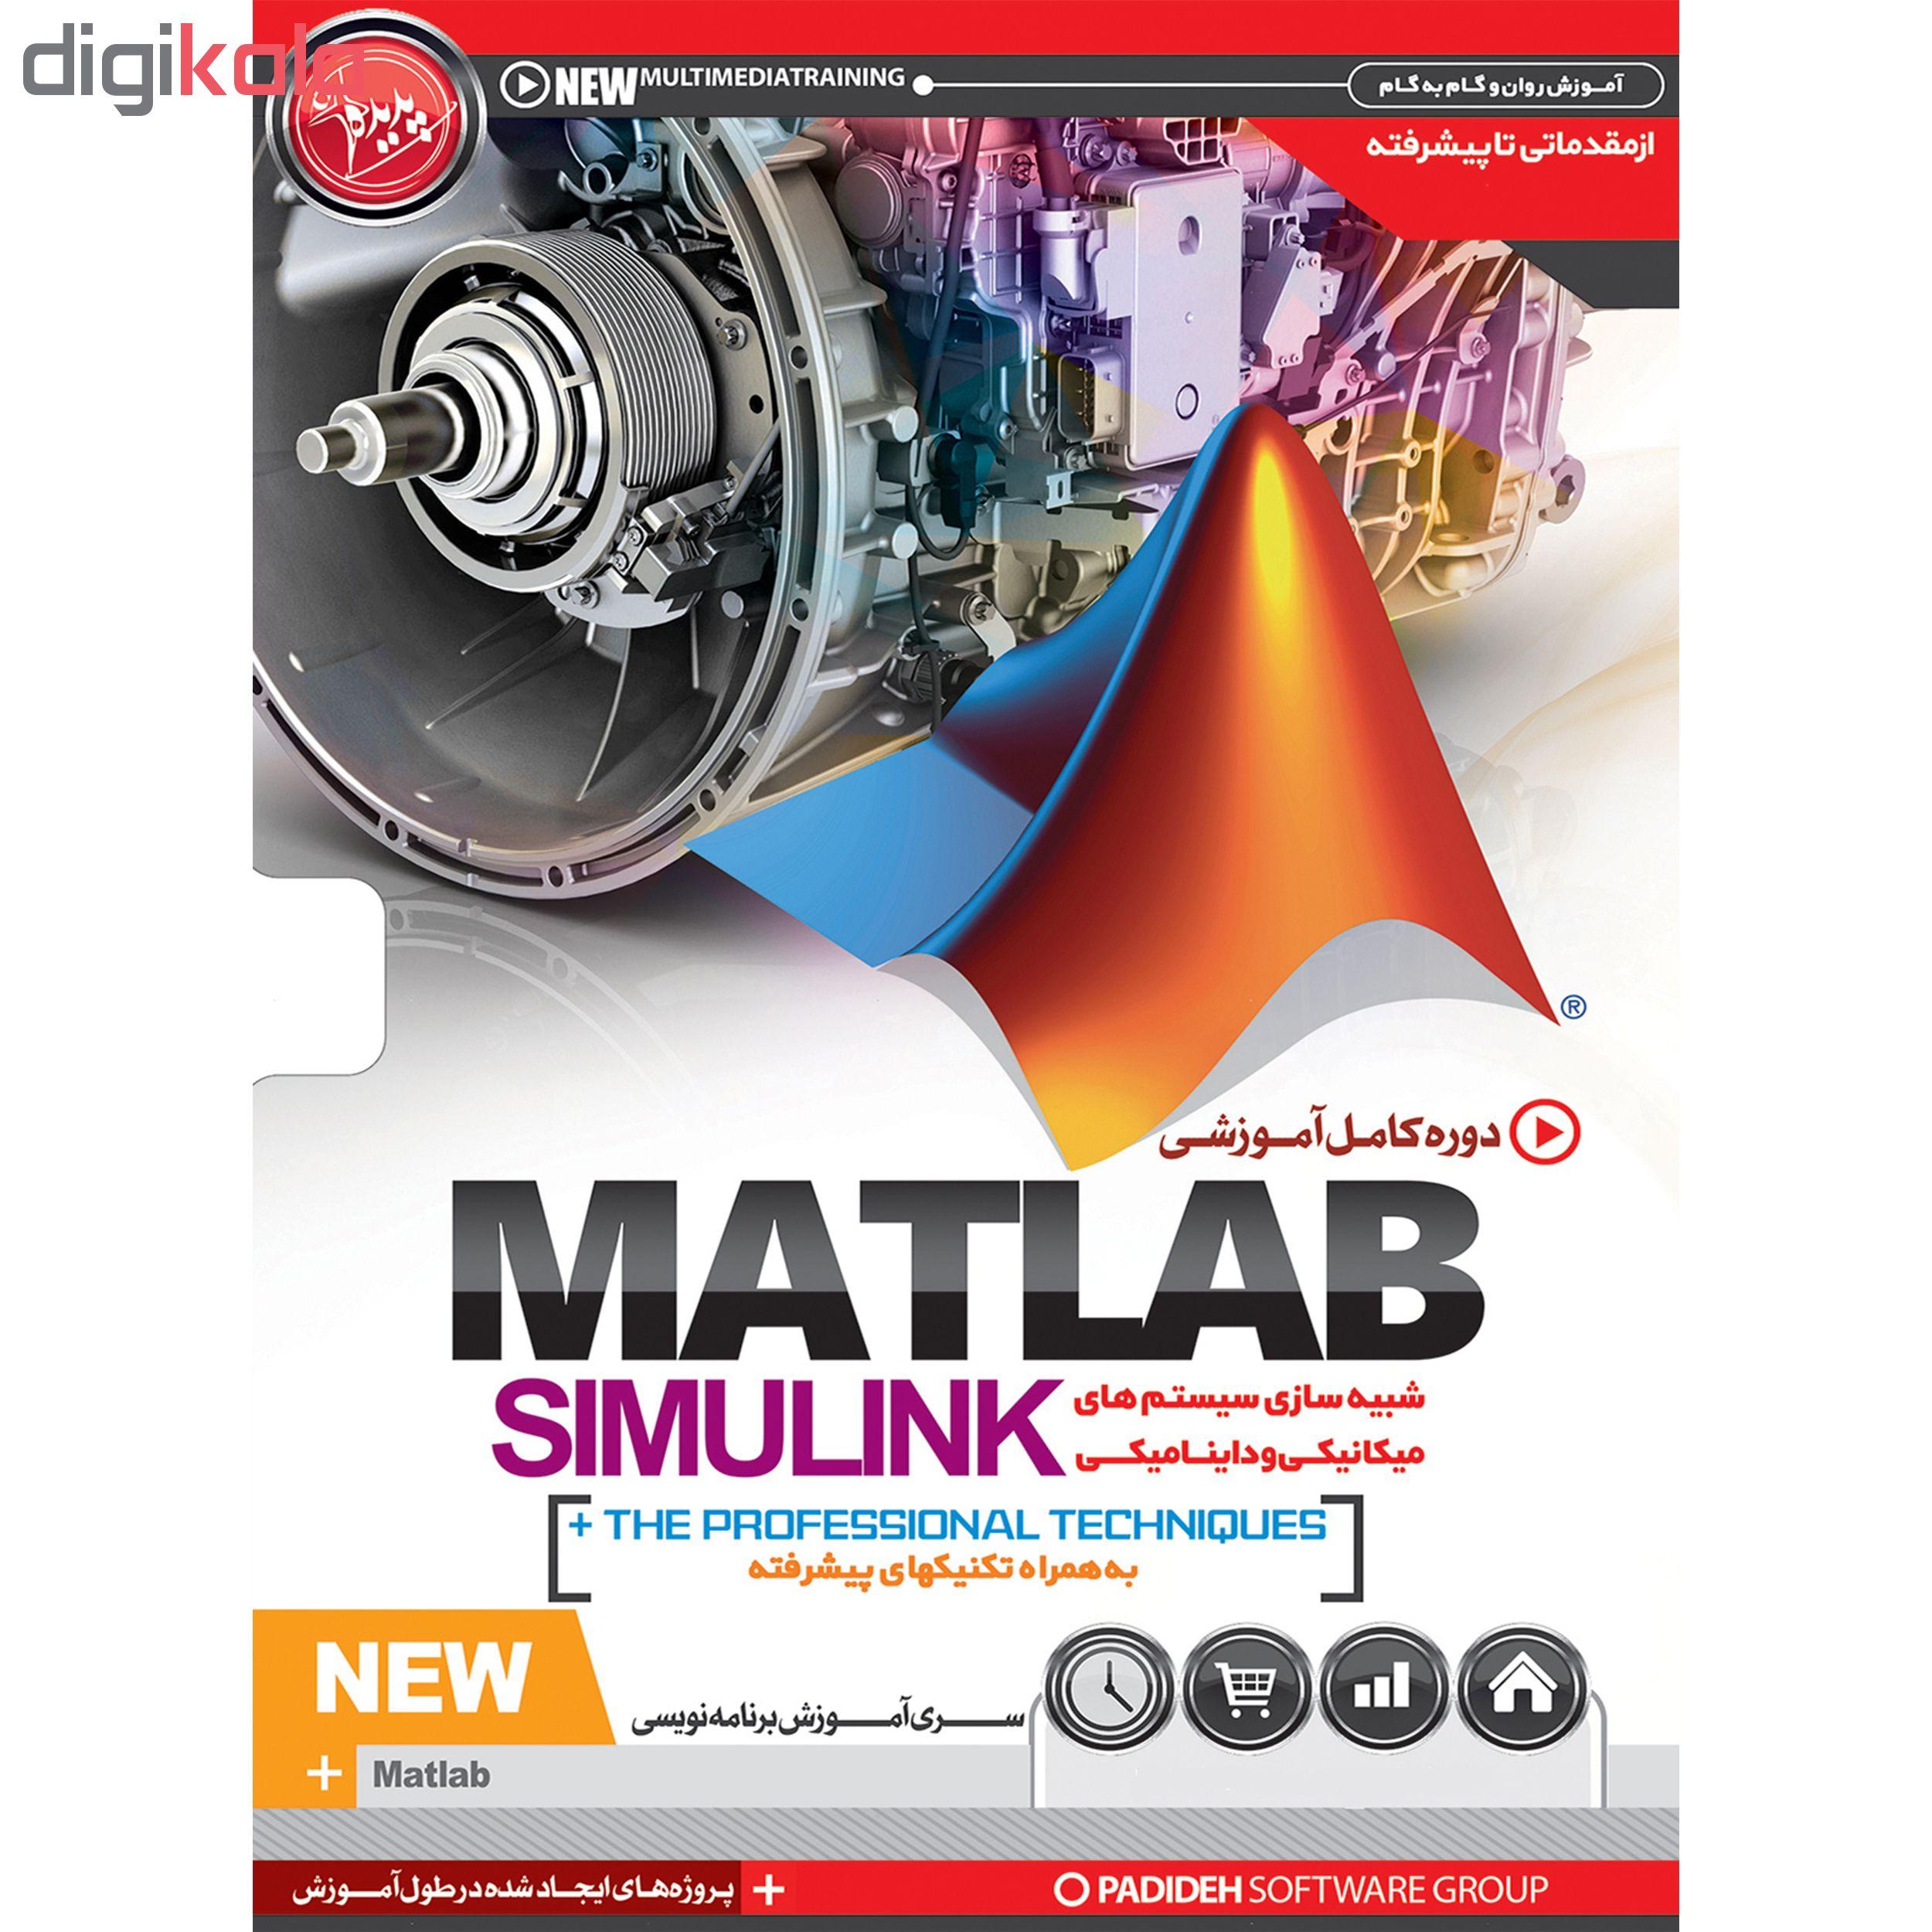 نرم افزار آموزش FORTRAN نشر پدیده به همراه نرم افزار آموزش MATLAB SIMULINK نشر پدیده